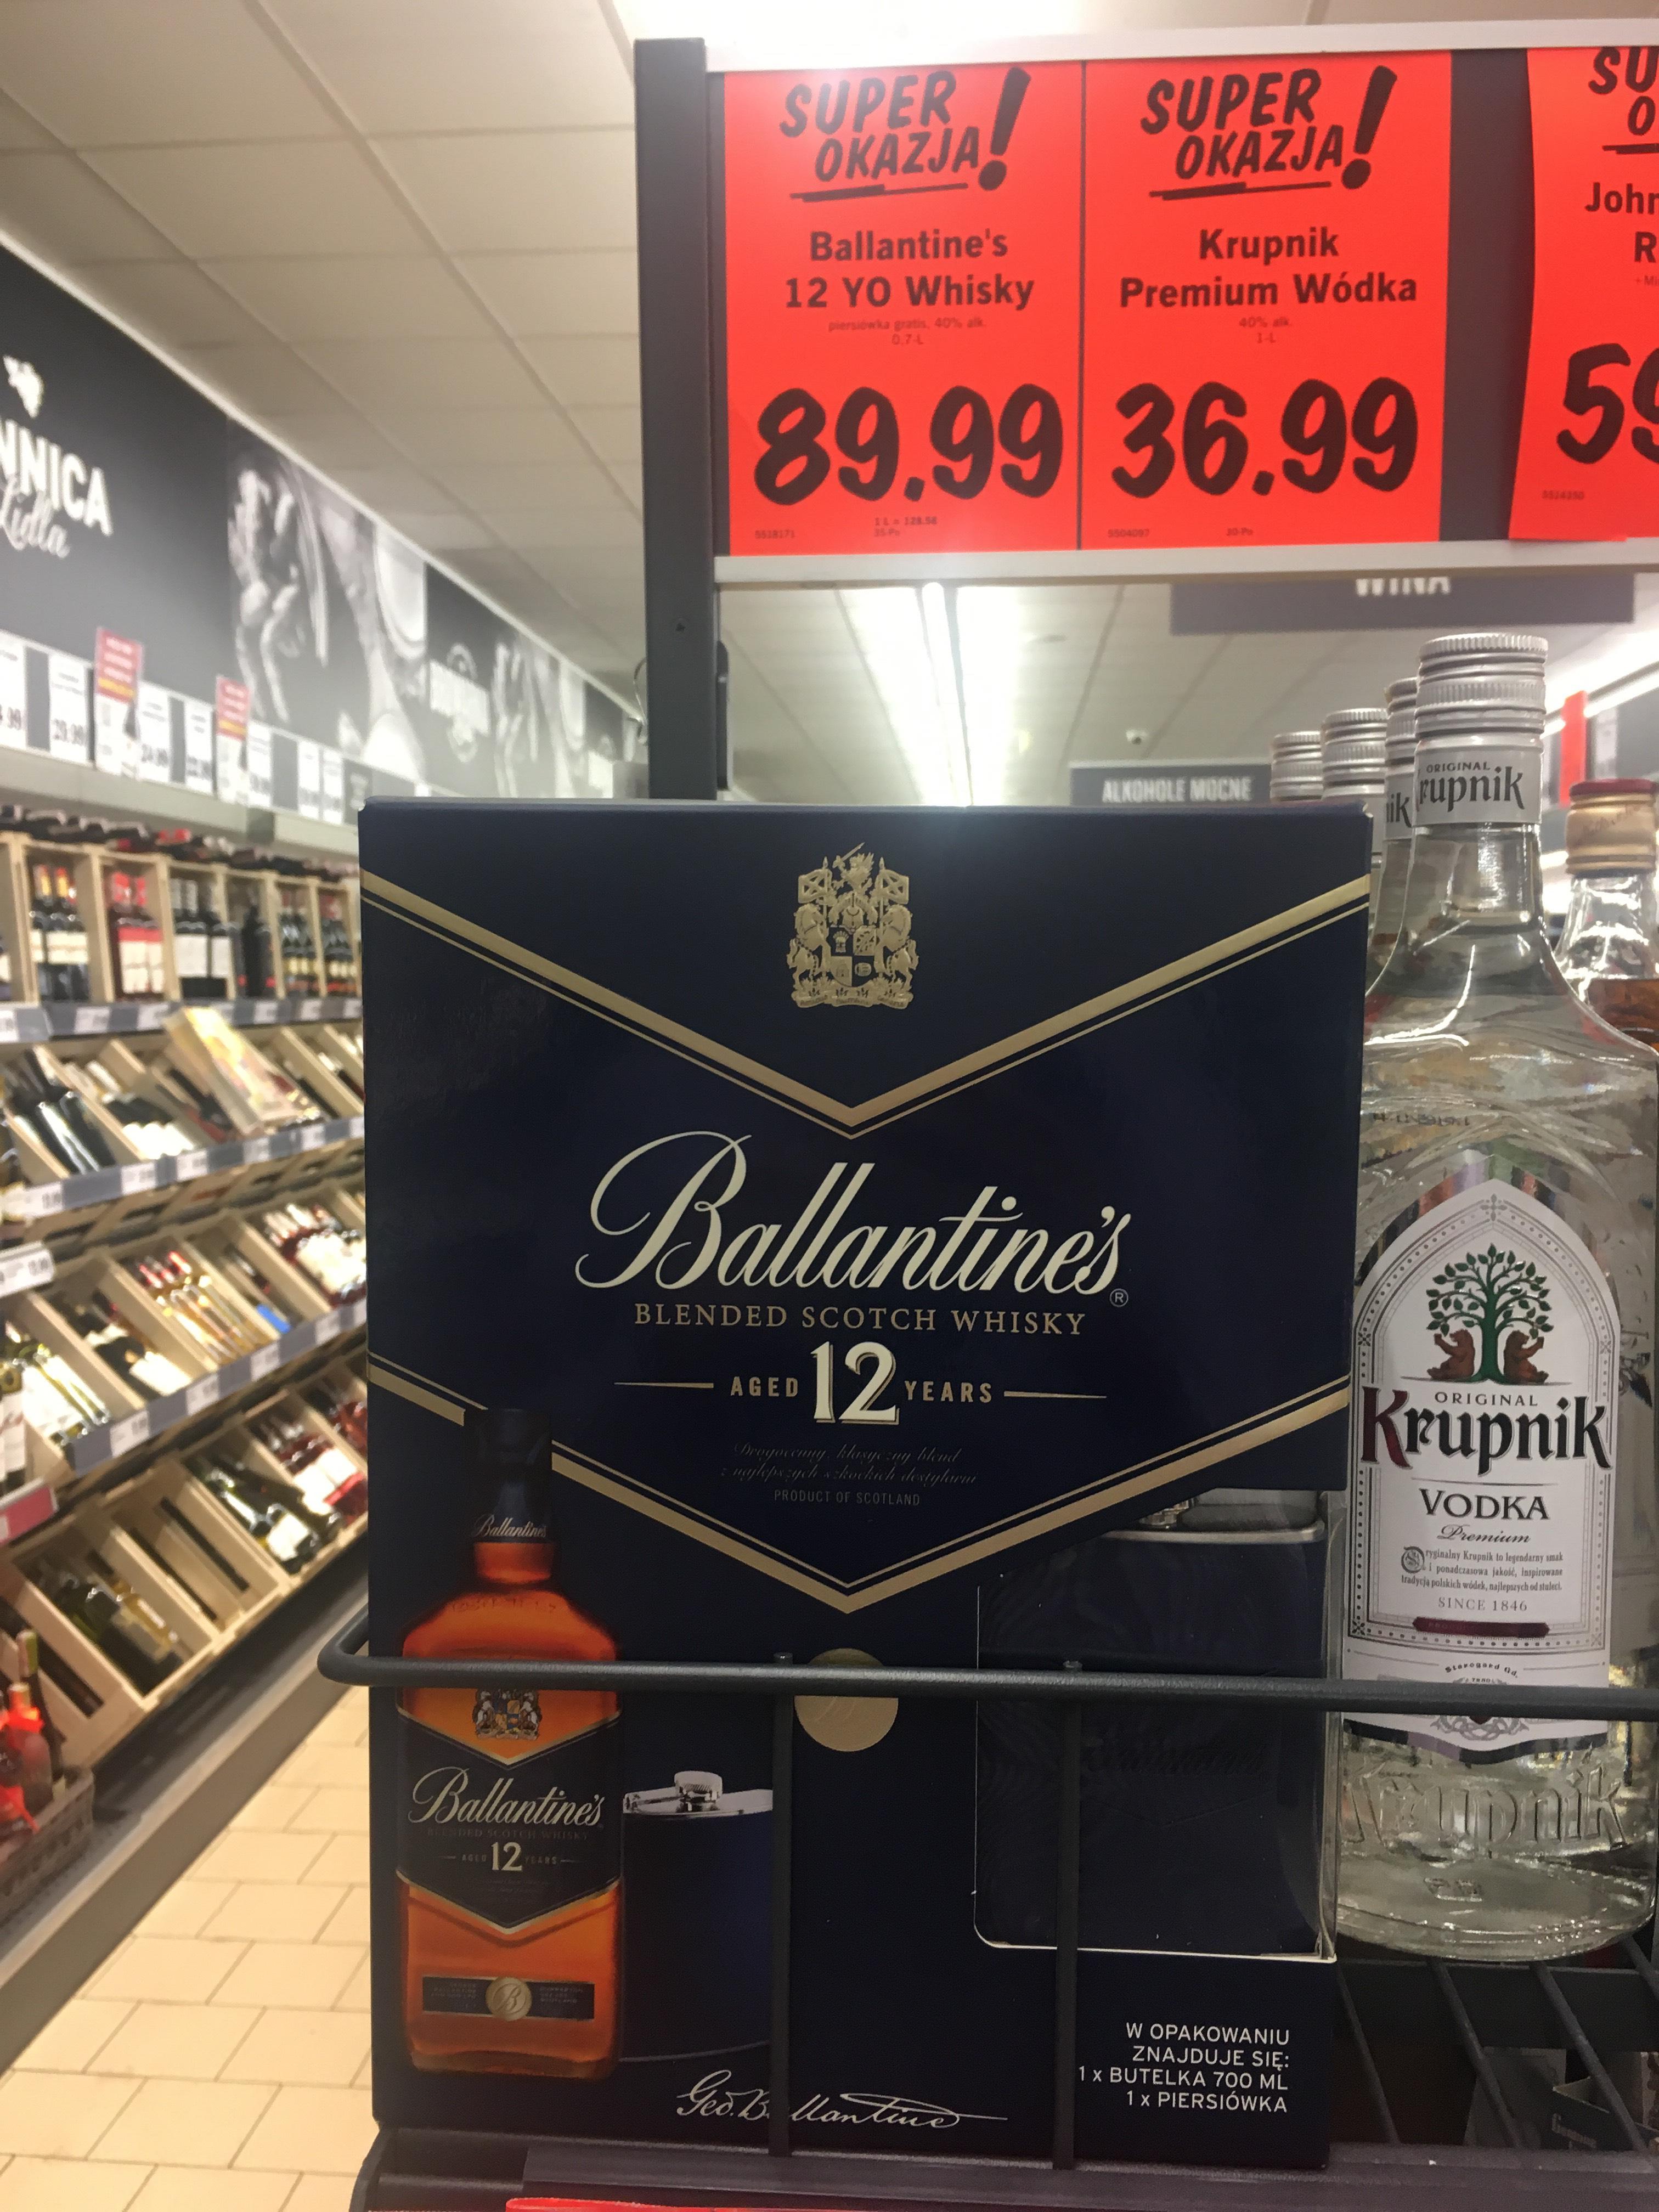 Ballentines Scotch Whisky